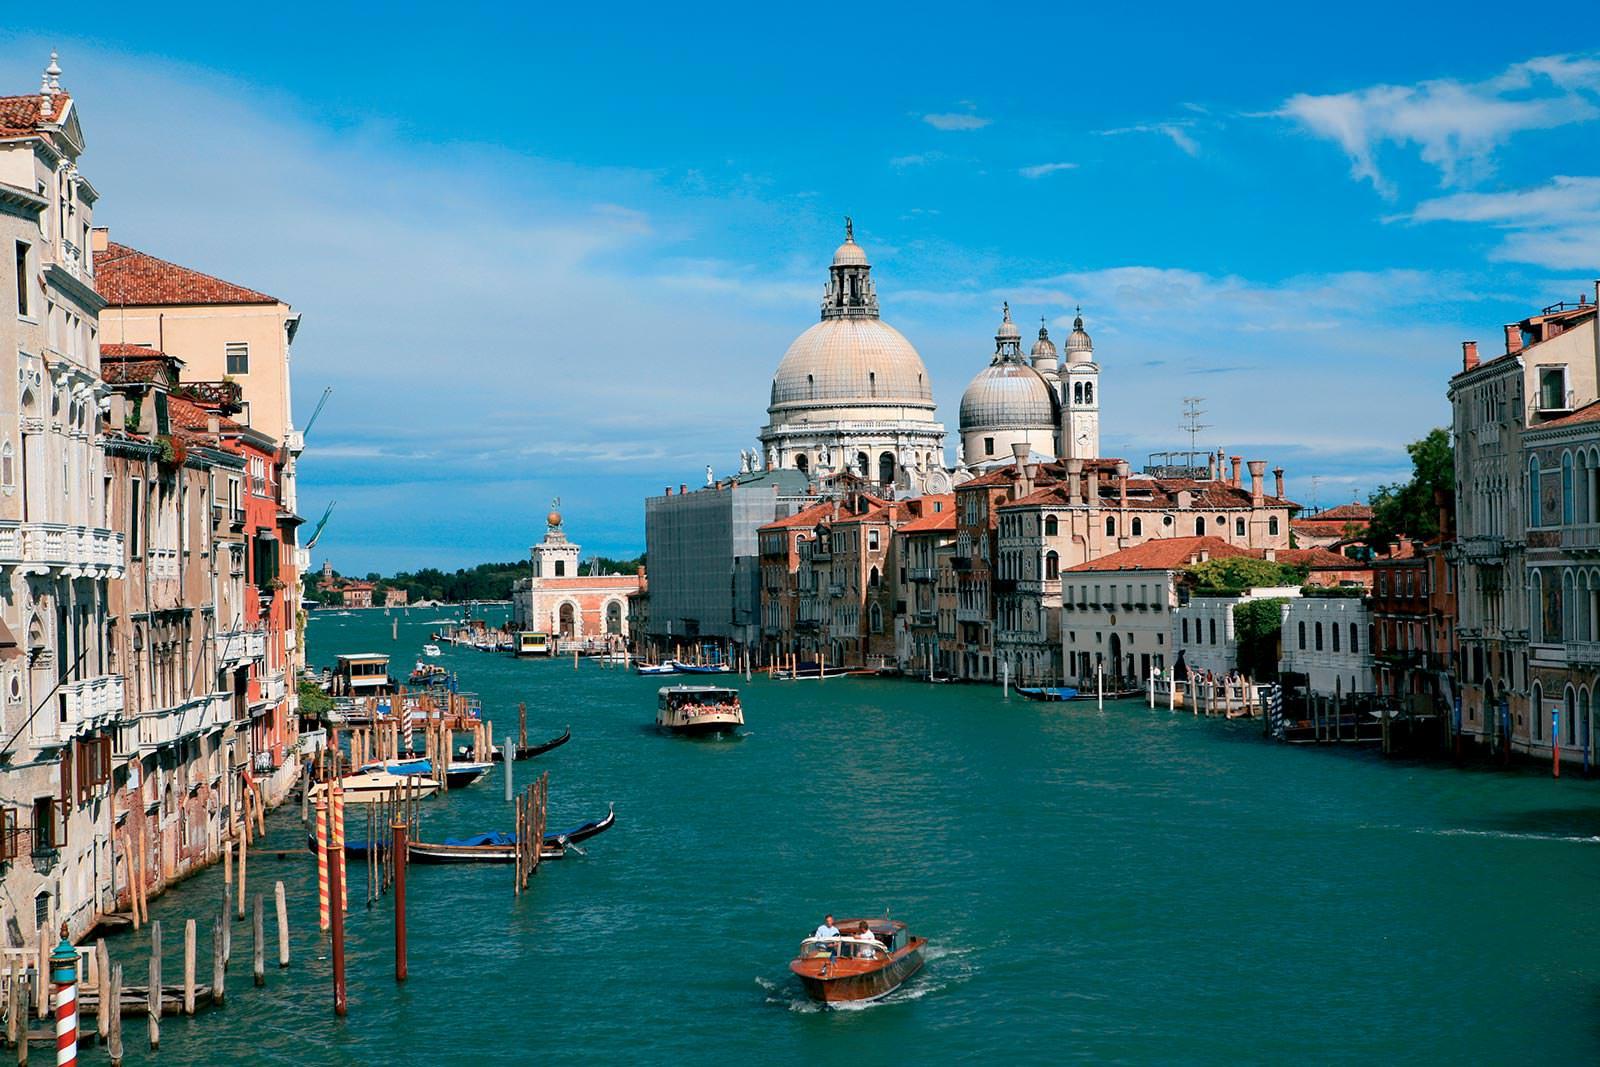 картинки хорошего качества венеция выборе дополнений зеленому